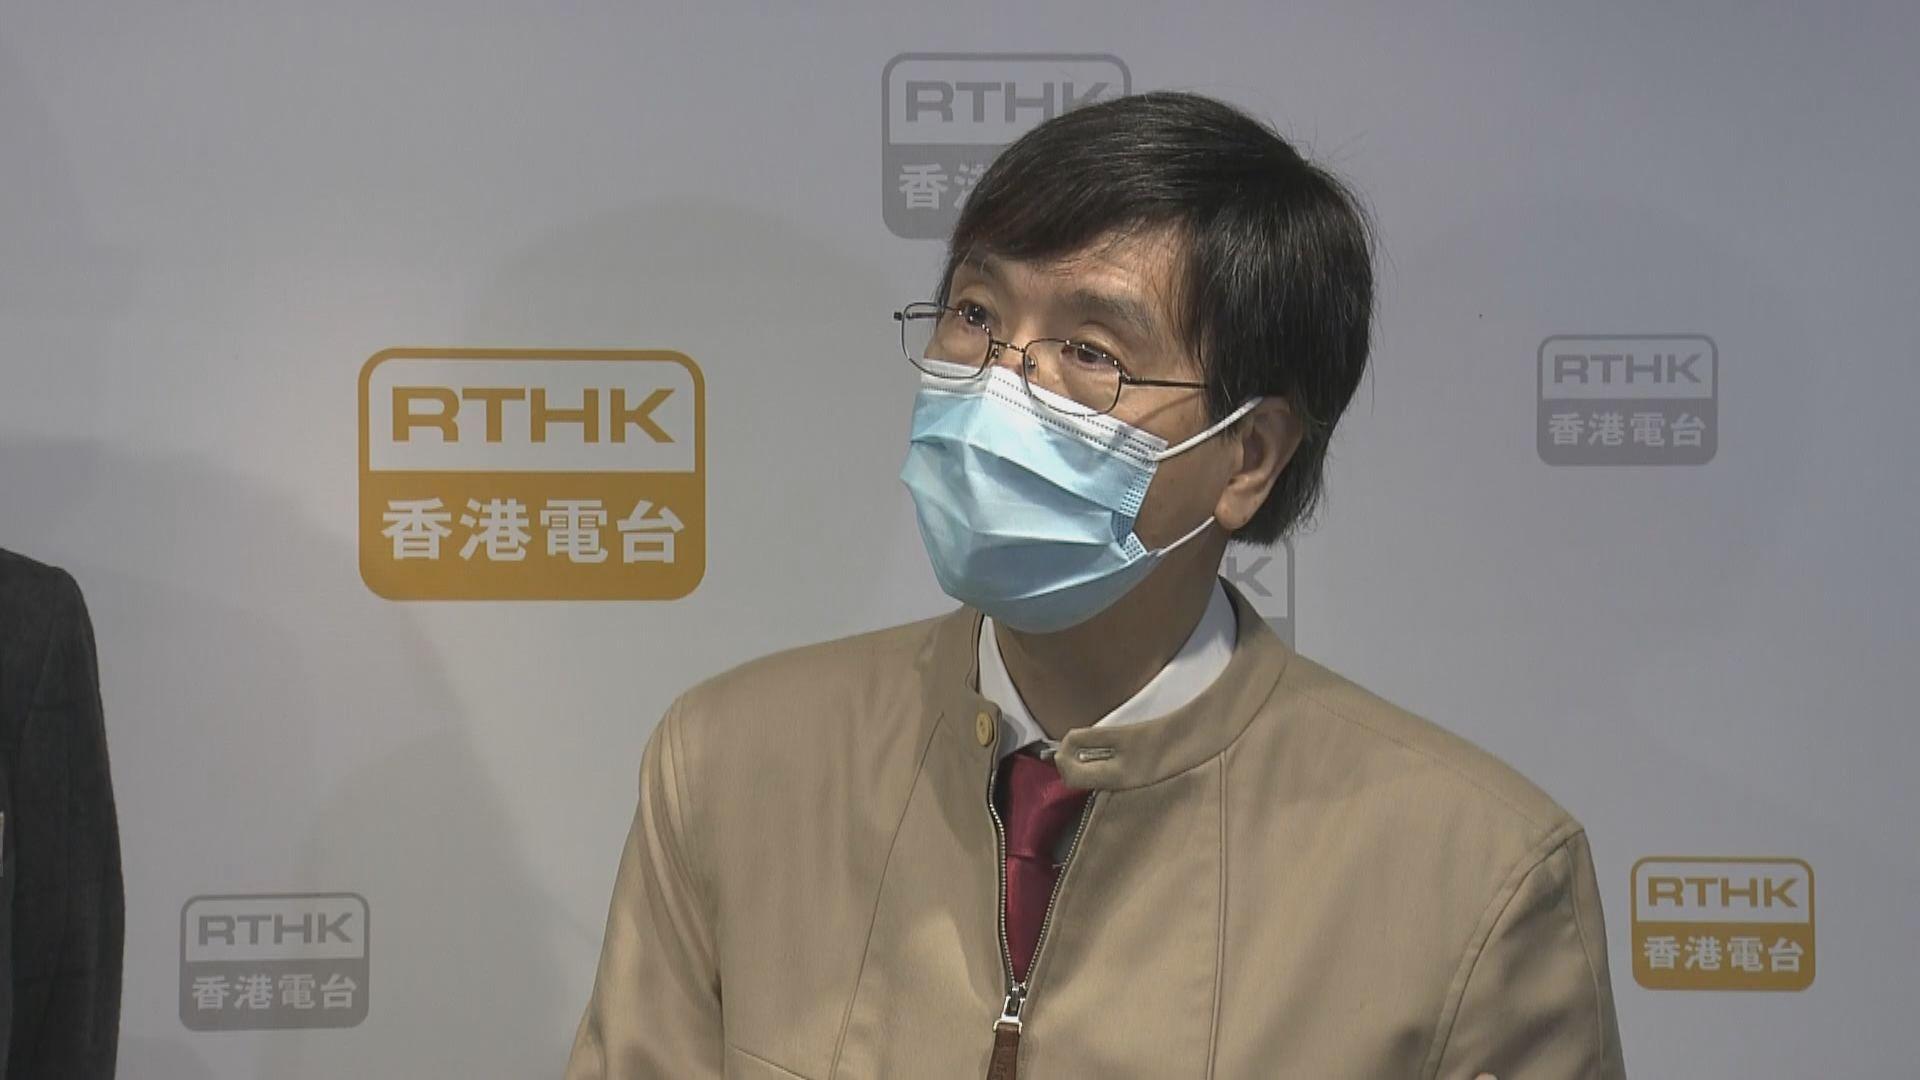 袁國勇:學校復課影響大 應大學先復課再觀察